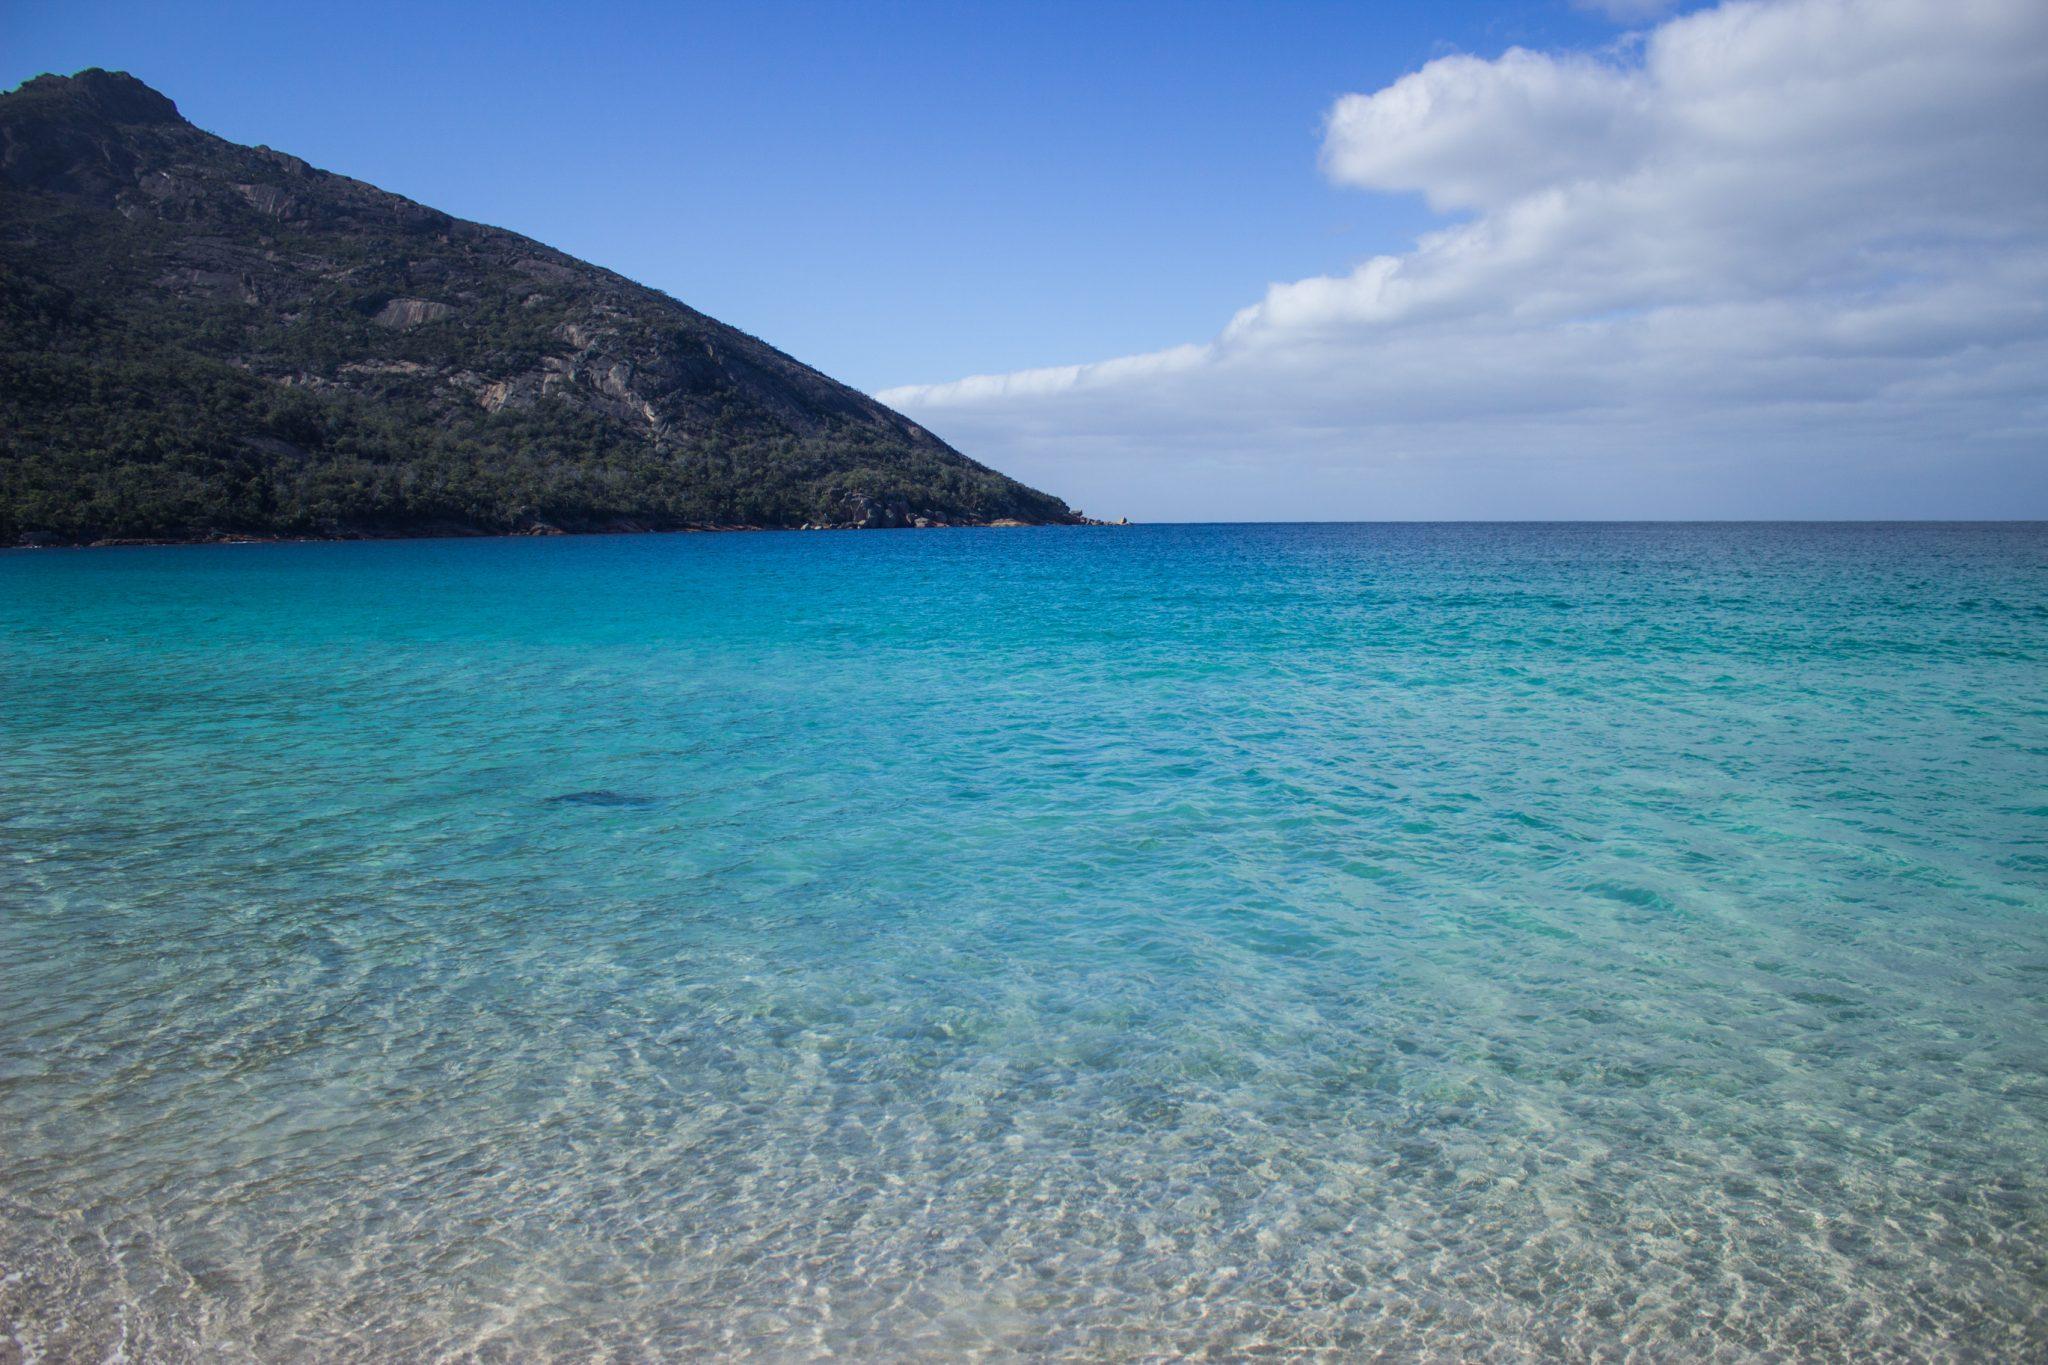 Wineglass Bay, Bucht im traumhaften Freycinet Nationalpark in Tasmanien, saftig grüner Wald, Strand mit schneeweißem Zuckersand und kristallklarem Wasser, Traumstrand